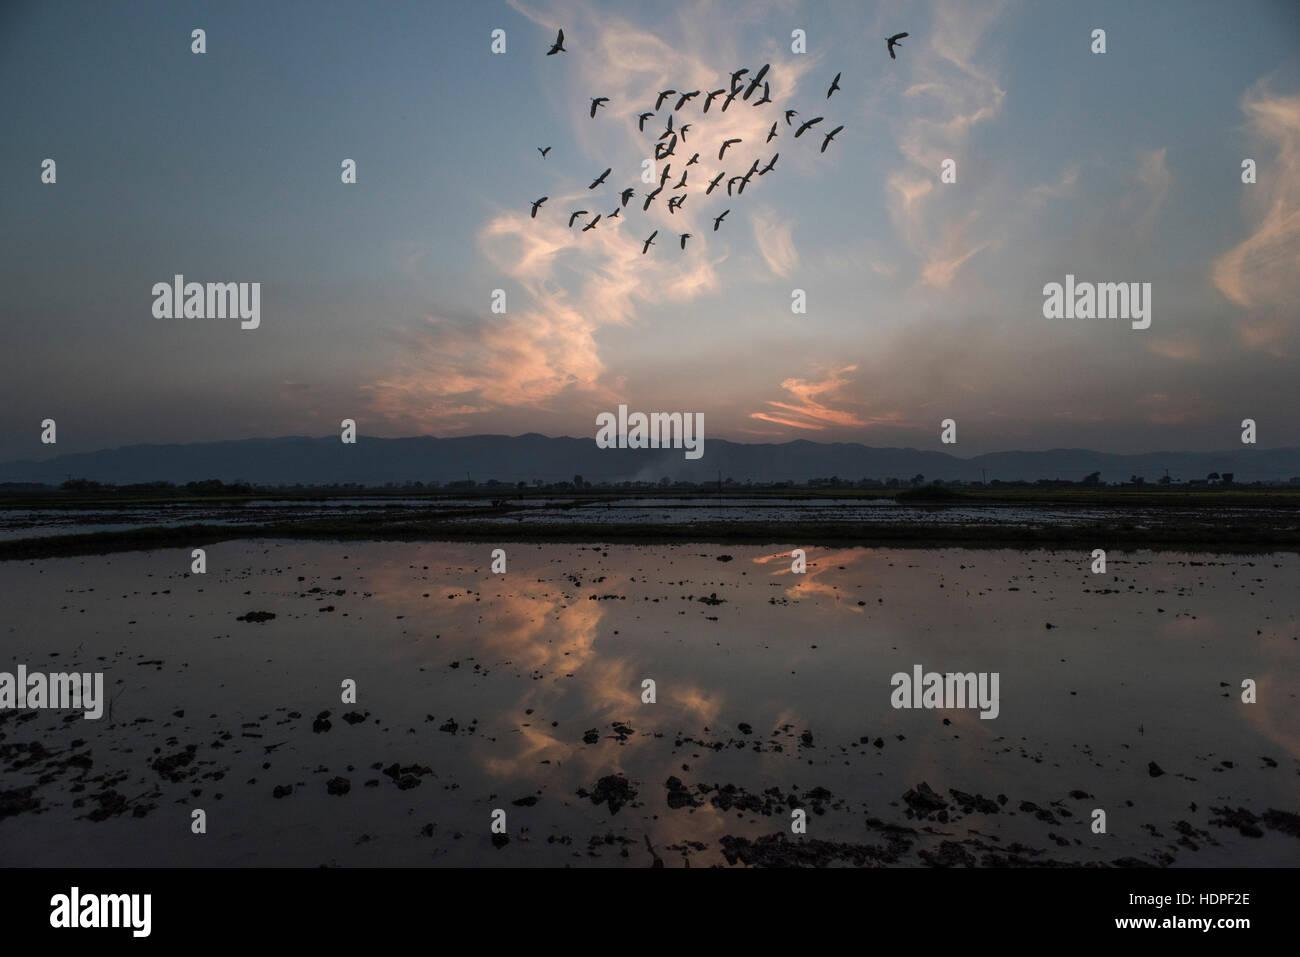 Uno stormo di uccelli in volo su un campo allagato in Nyaungshwe, Myanmar. Immagini Stock